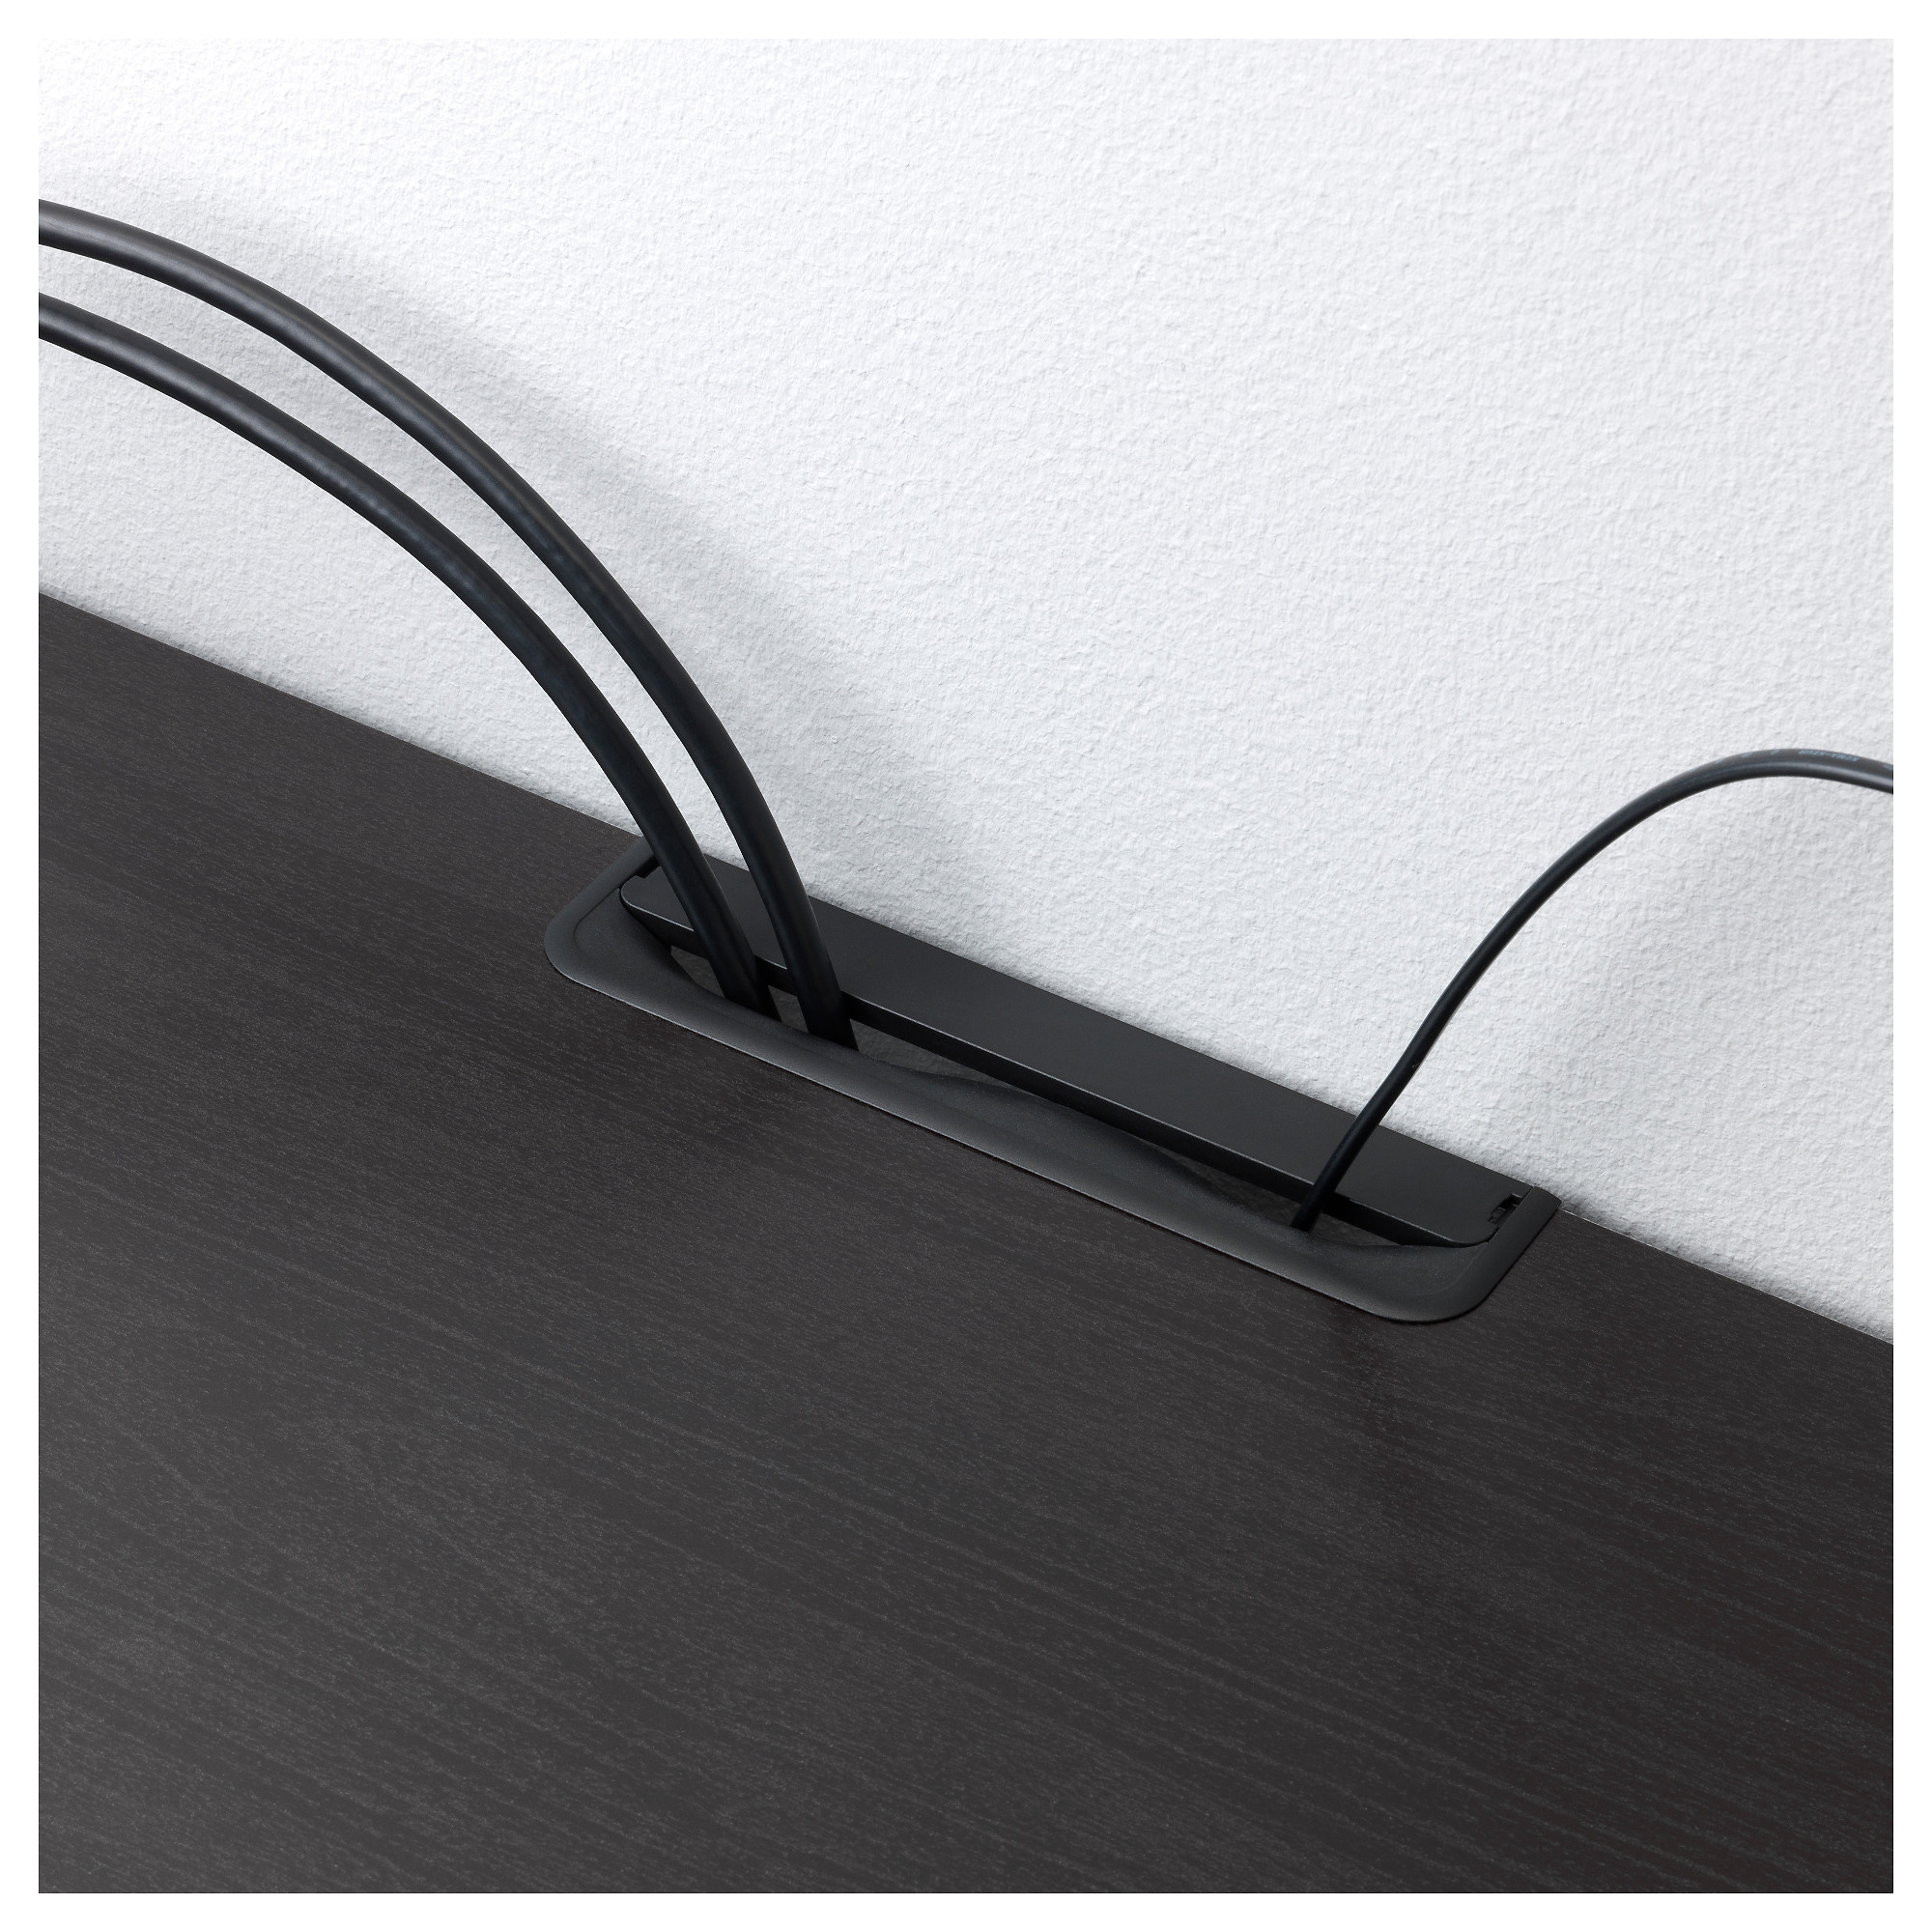 Шкаф для ТВ, комбинированный, стекляные дверцы БЕСТО темно-синий артикуль № 092.761.41 в наличии. Интернет каталог IKEA Минск. Недорогая доставка и установка.